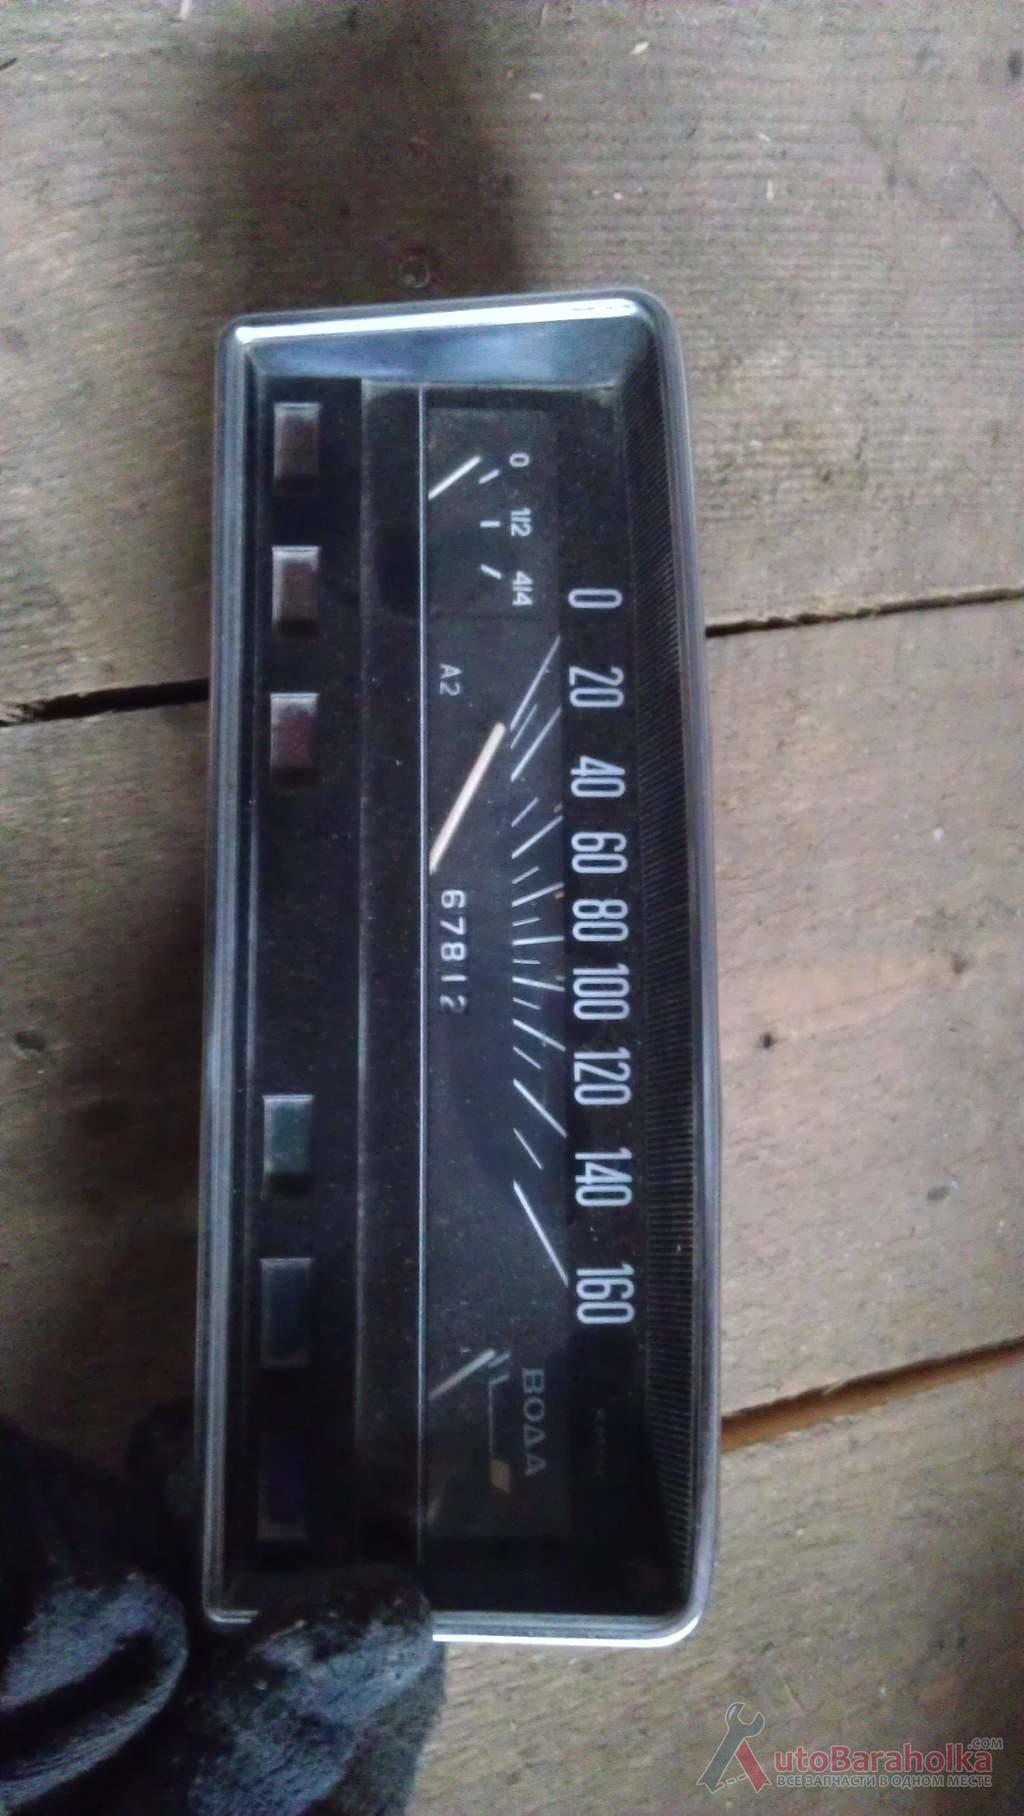 Продам Панель приборов ВАЗ 2101 оригинальные с экспортных машин. отличное состояние. работает без нареканий Херсон